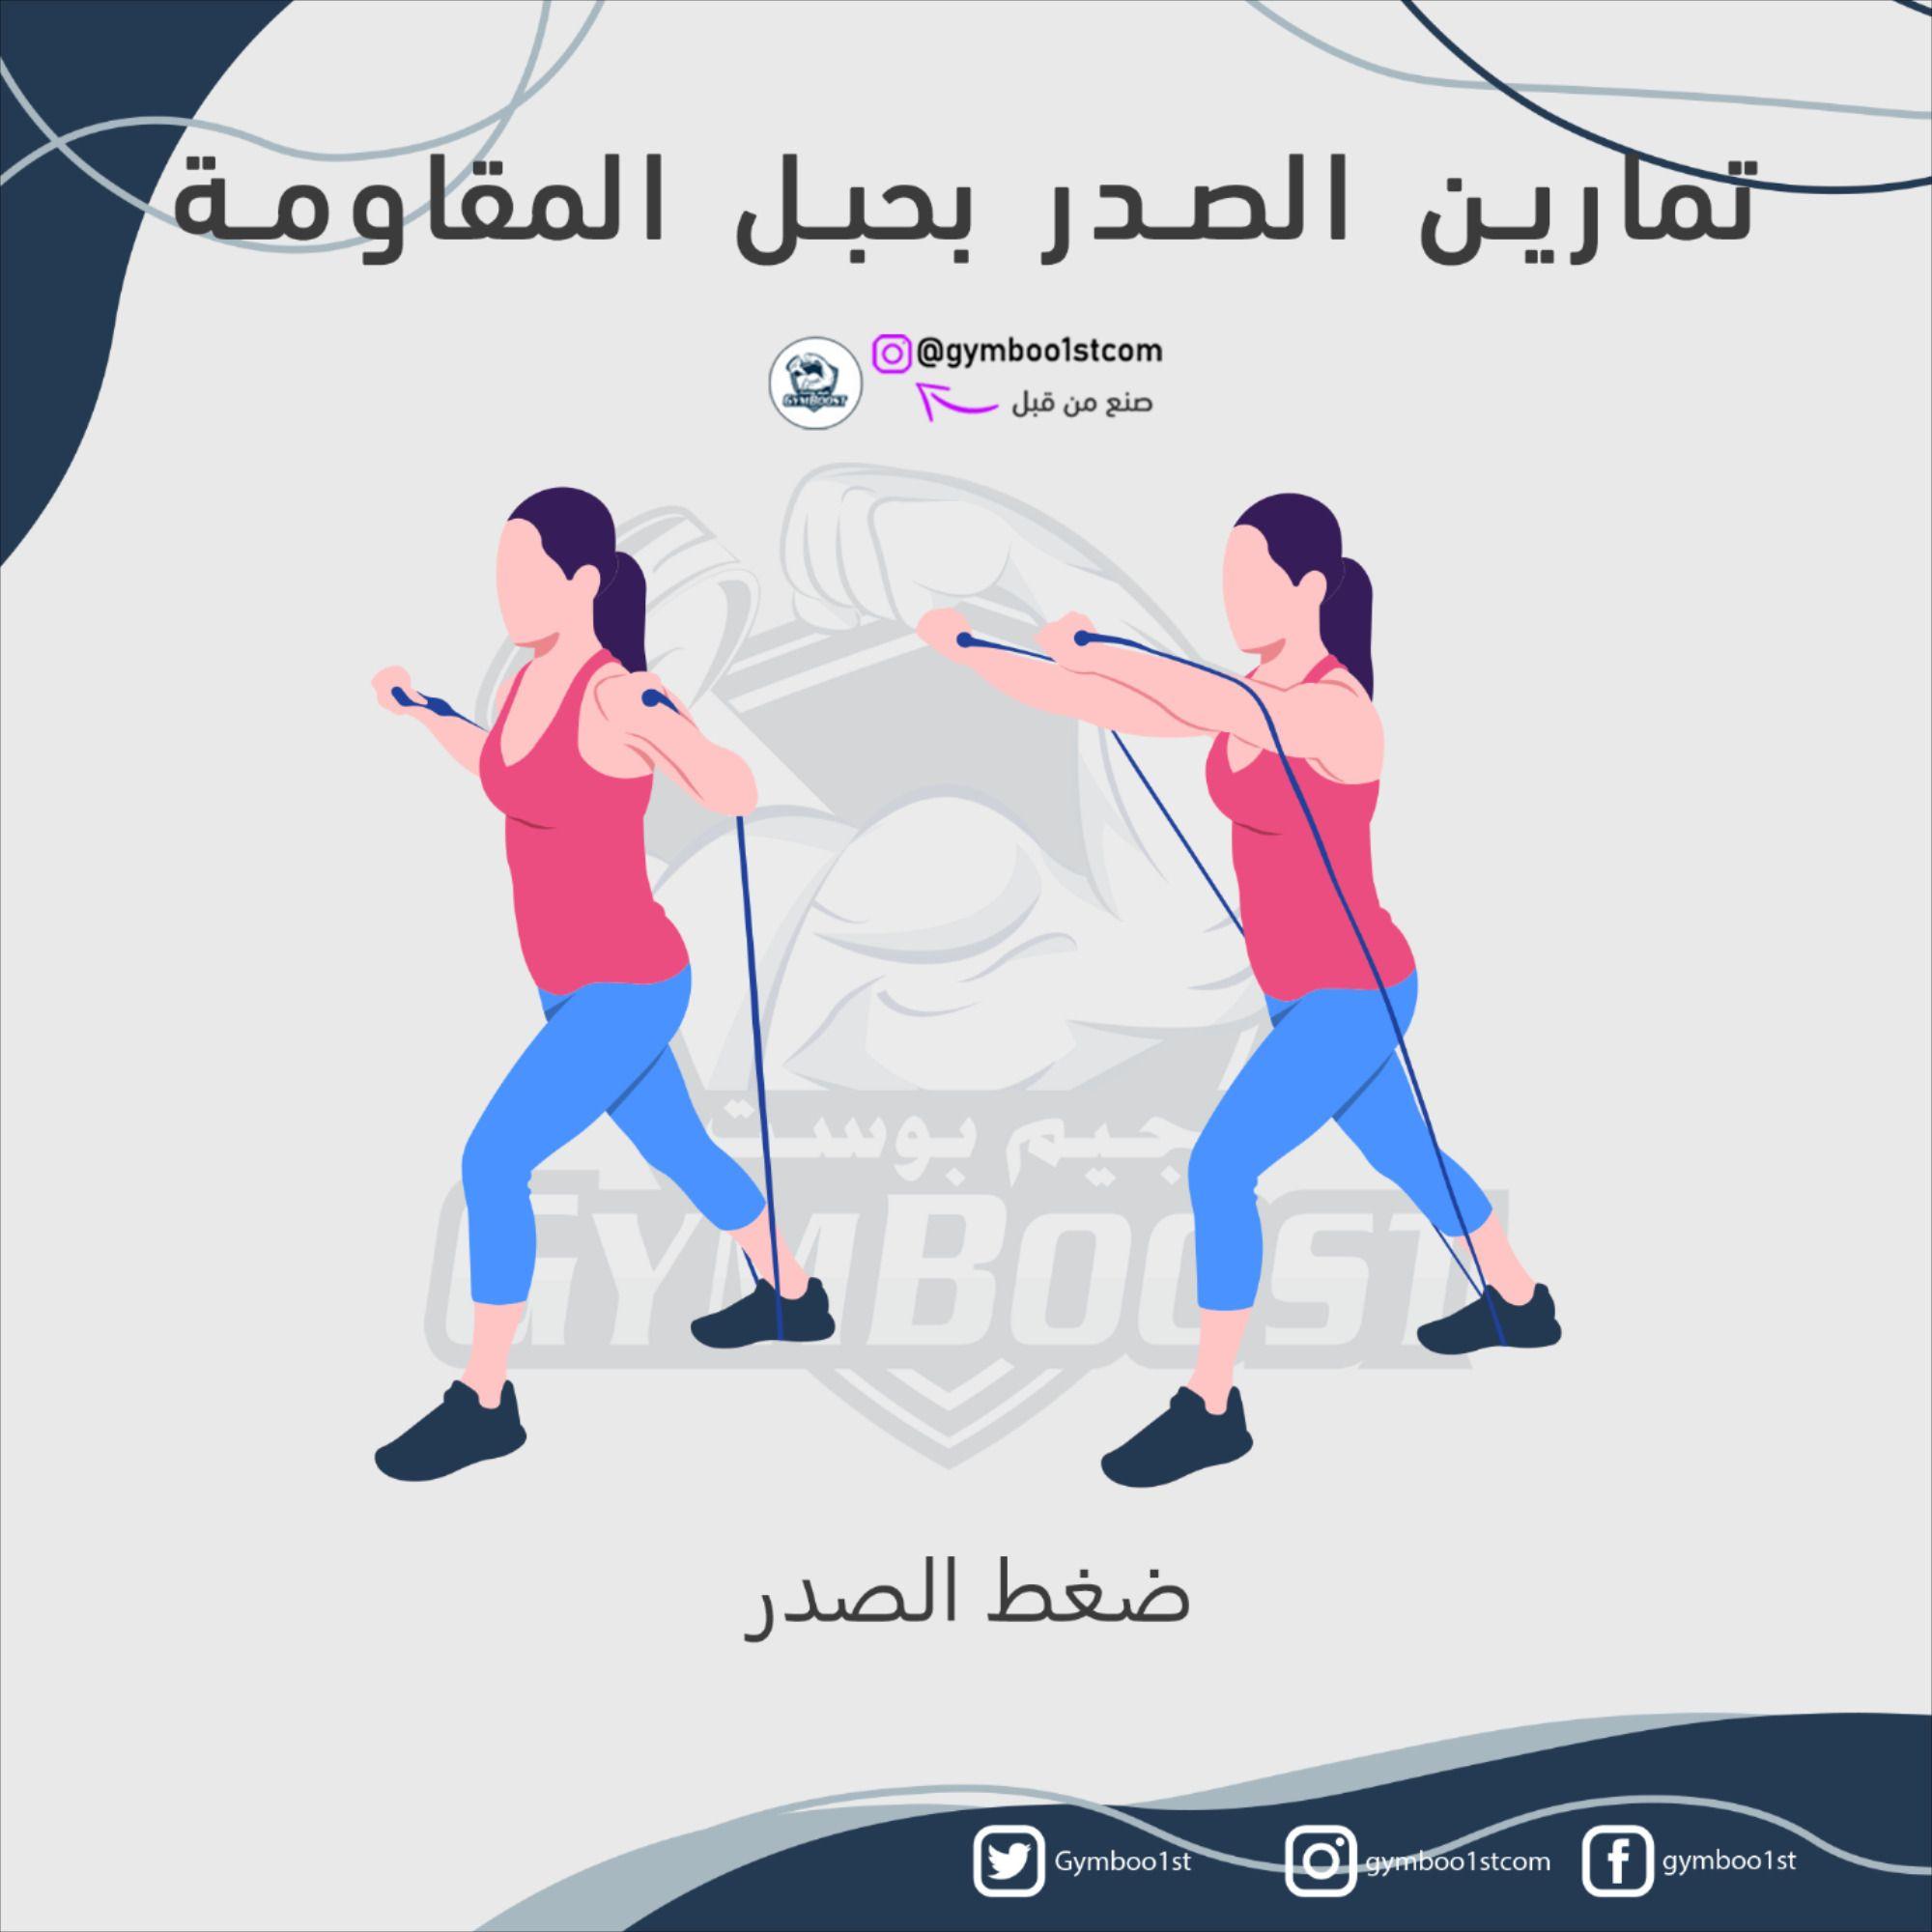 تمارين الصدر بحبل المقاومة في المنزل Fitness Tips Gym Workout